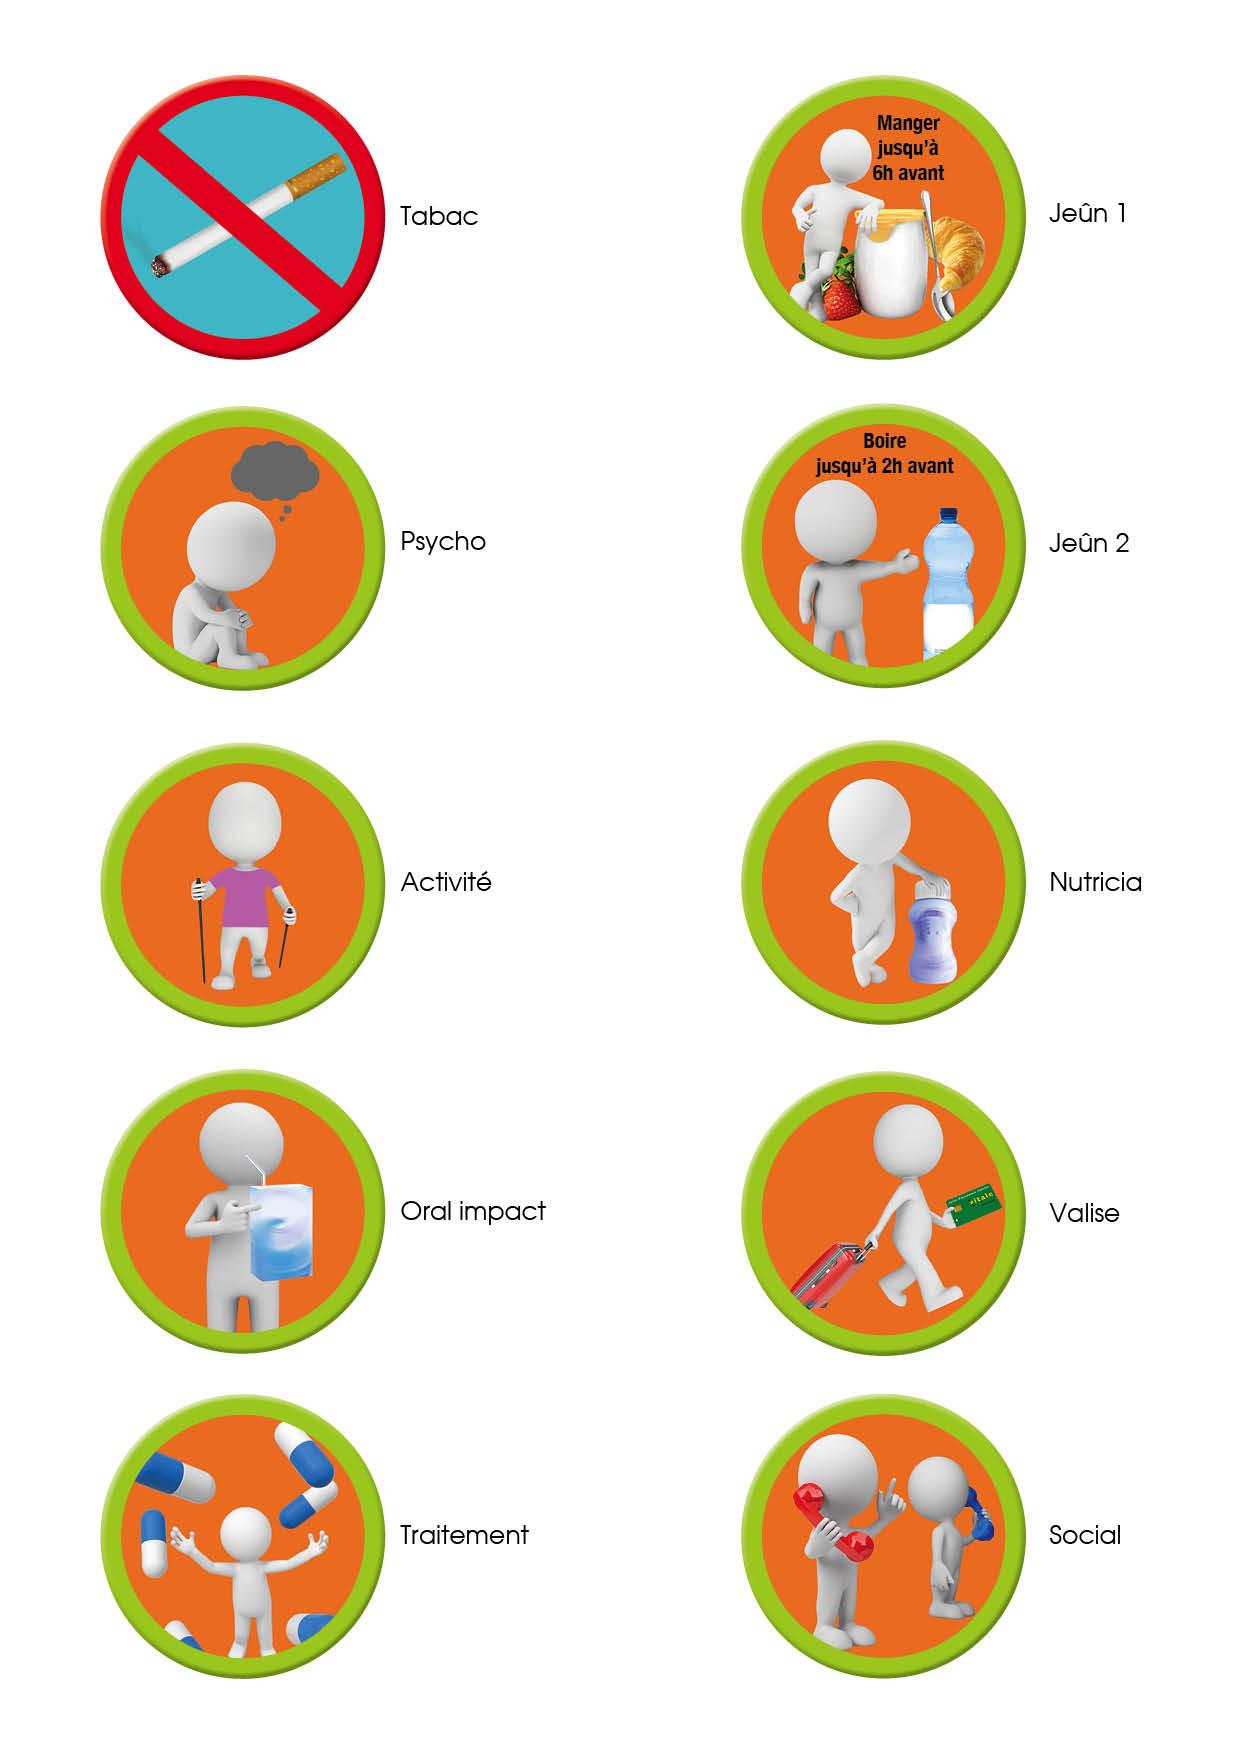 Exemples d'icones réalisées pour l'IPC